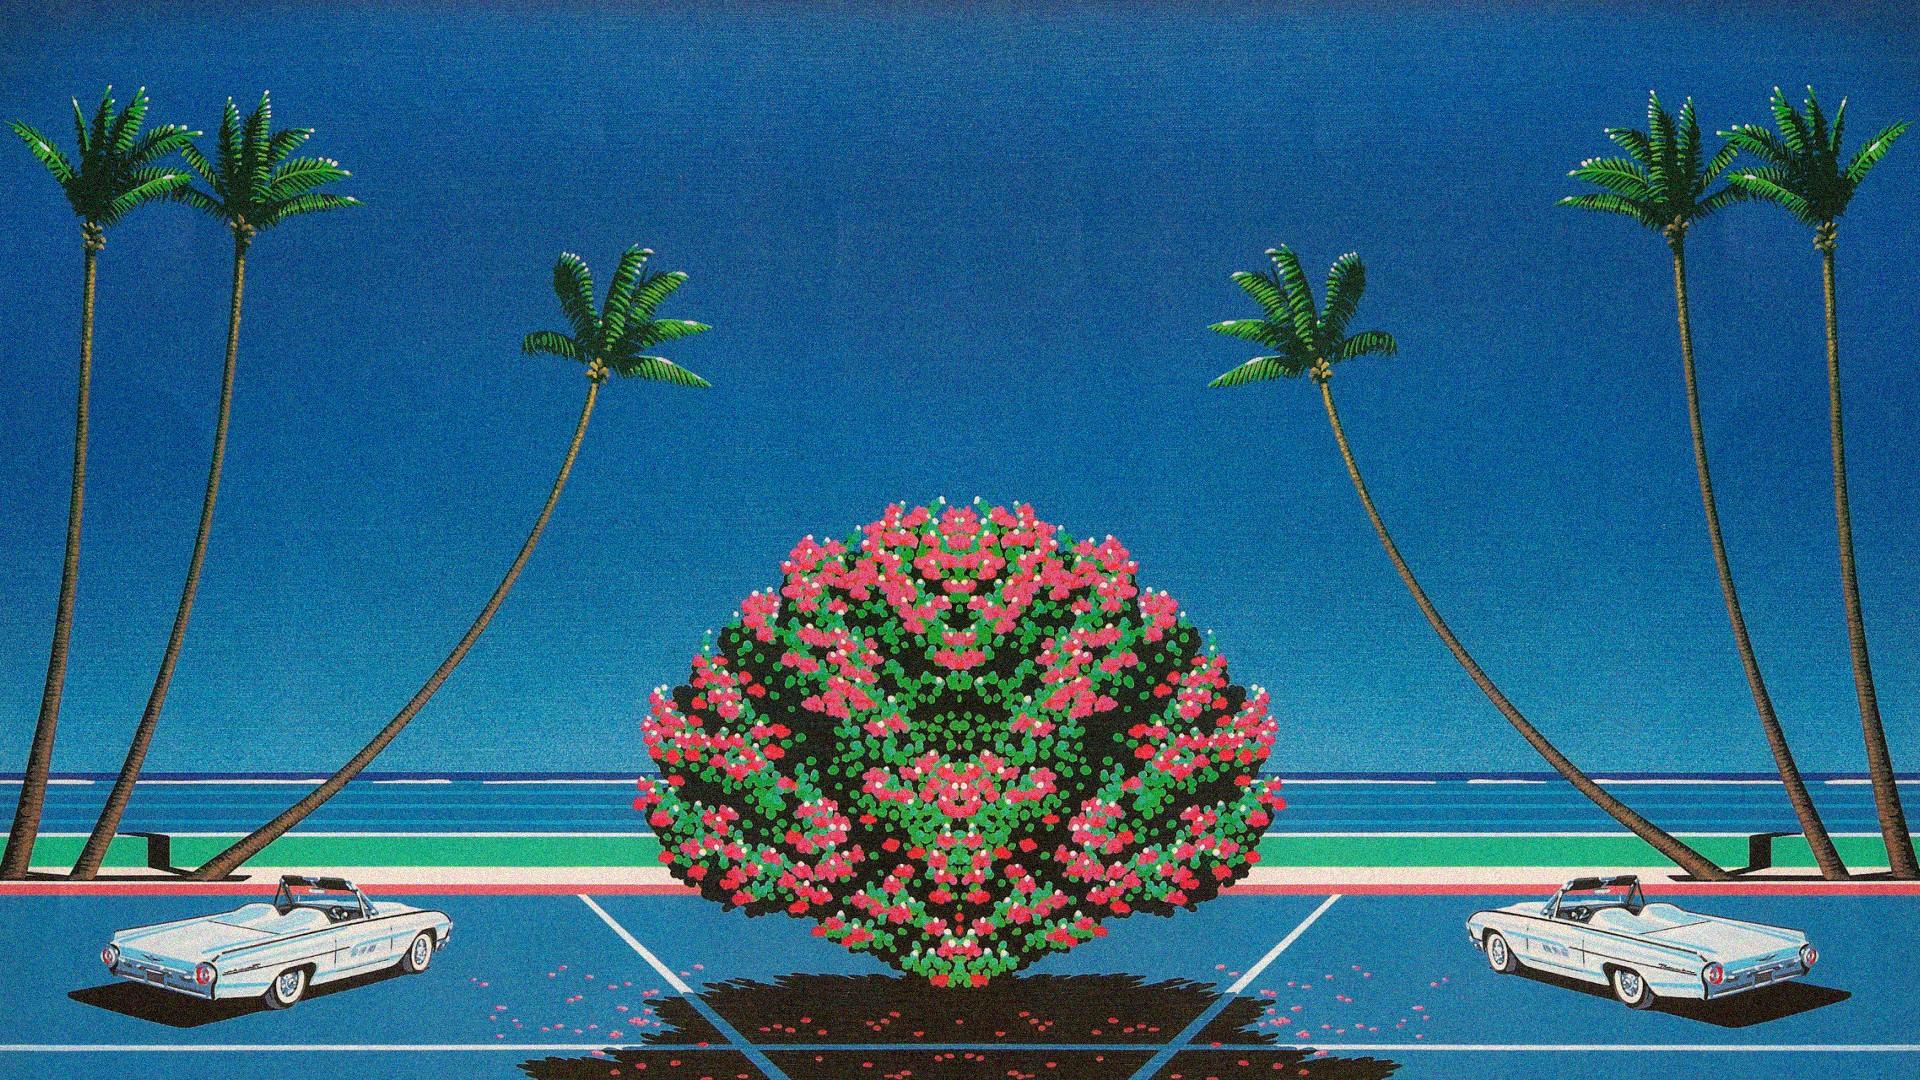 Vaporwave Iphone Wallpaper Download Free Stunning High